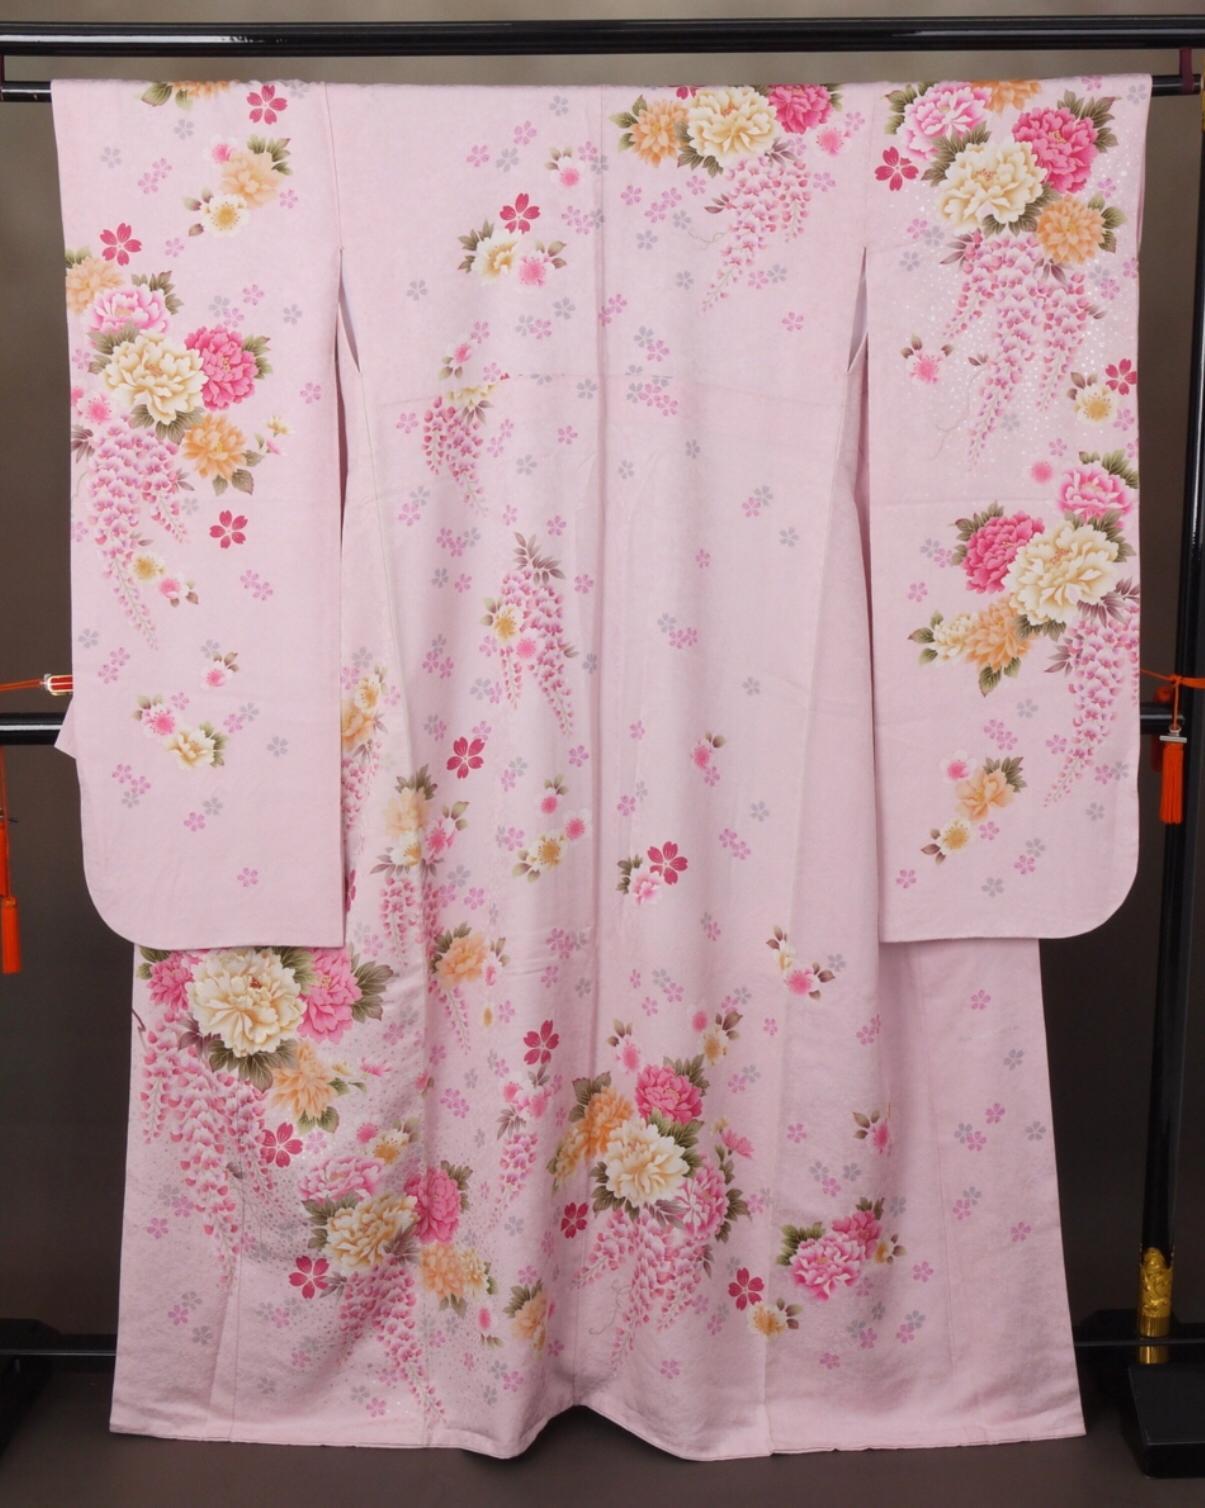 CLASS A 淡粉紅牡丹藤花正絹振袖